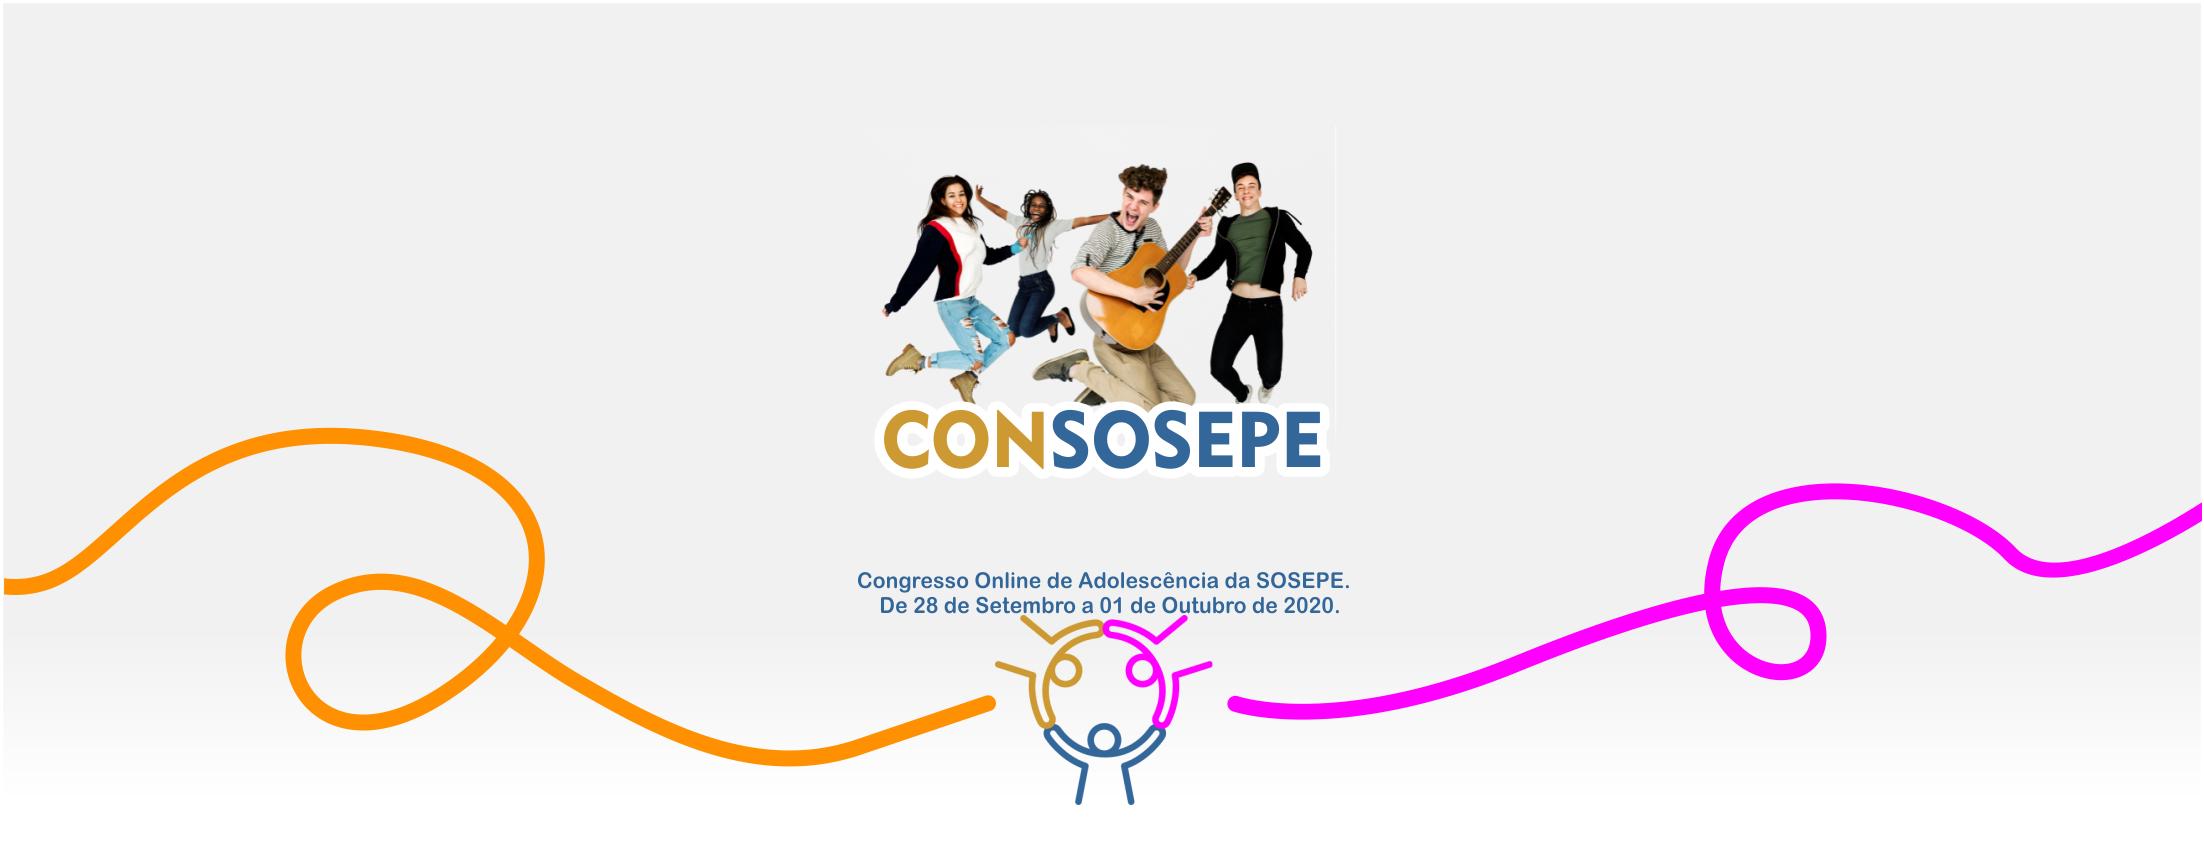 CONSOSEPE